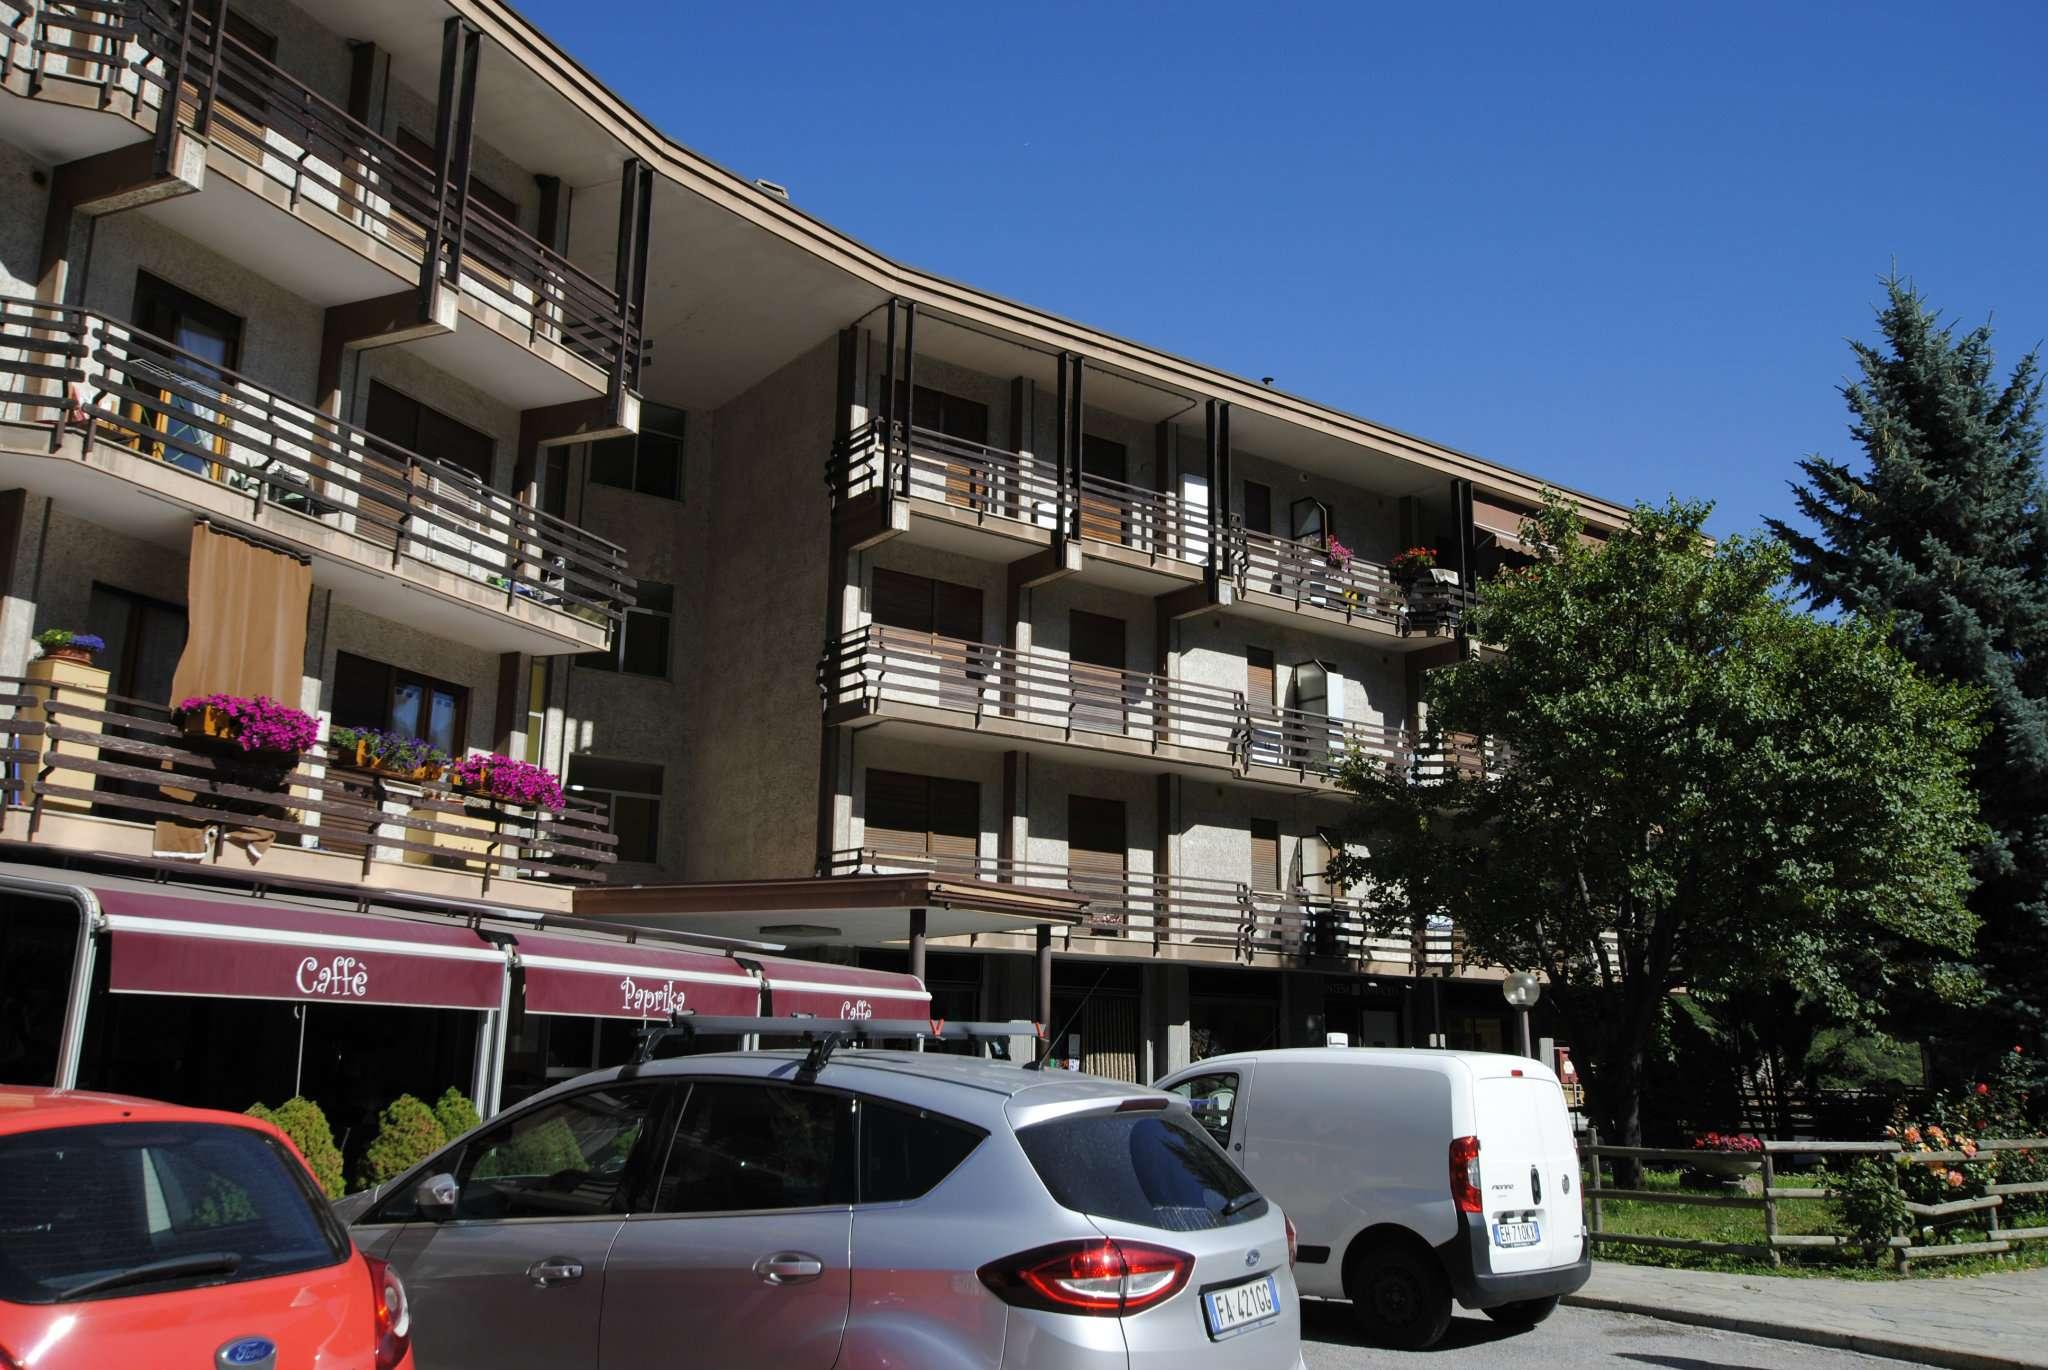 Appartamento in vendita a Chiomonte, 1 locali, prezzo € 20.000   CambioCasa.it